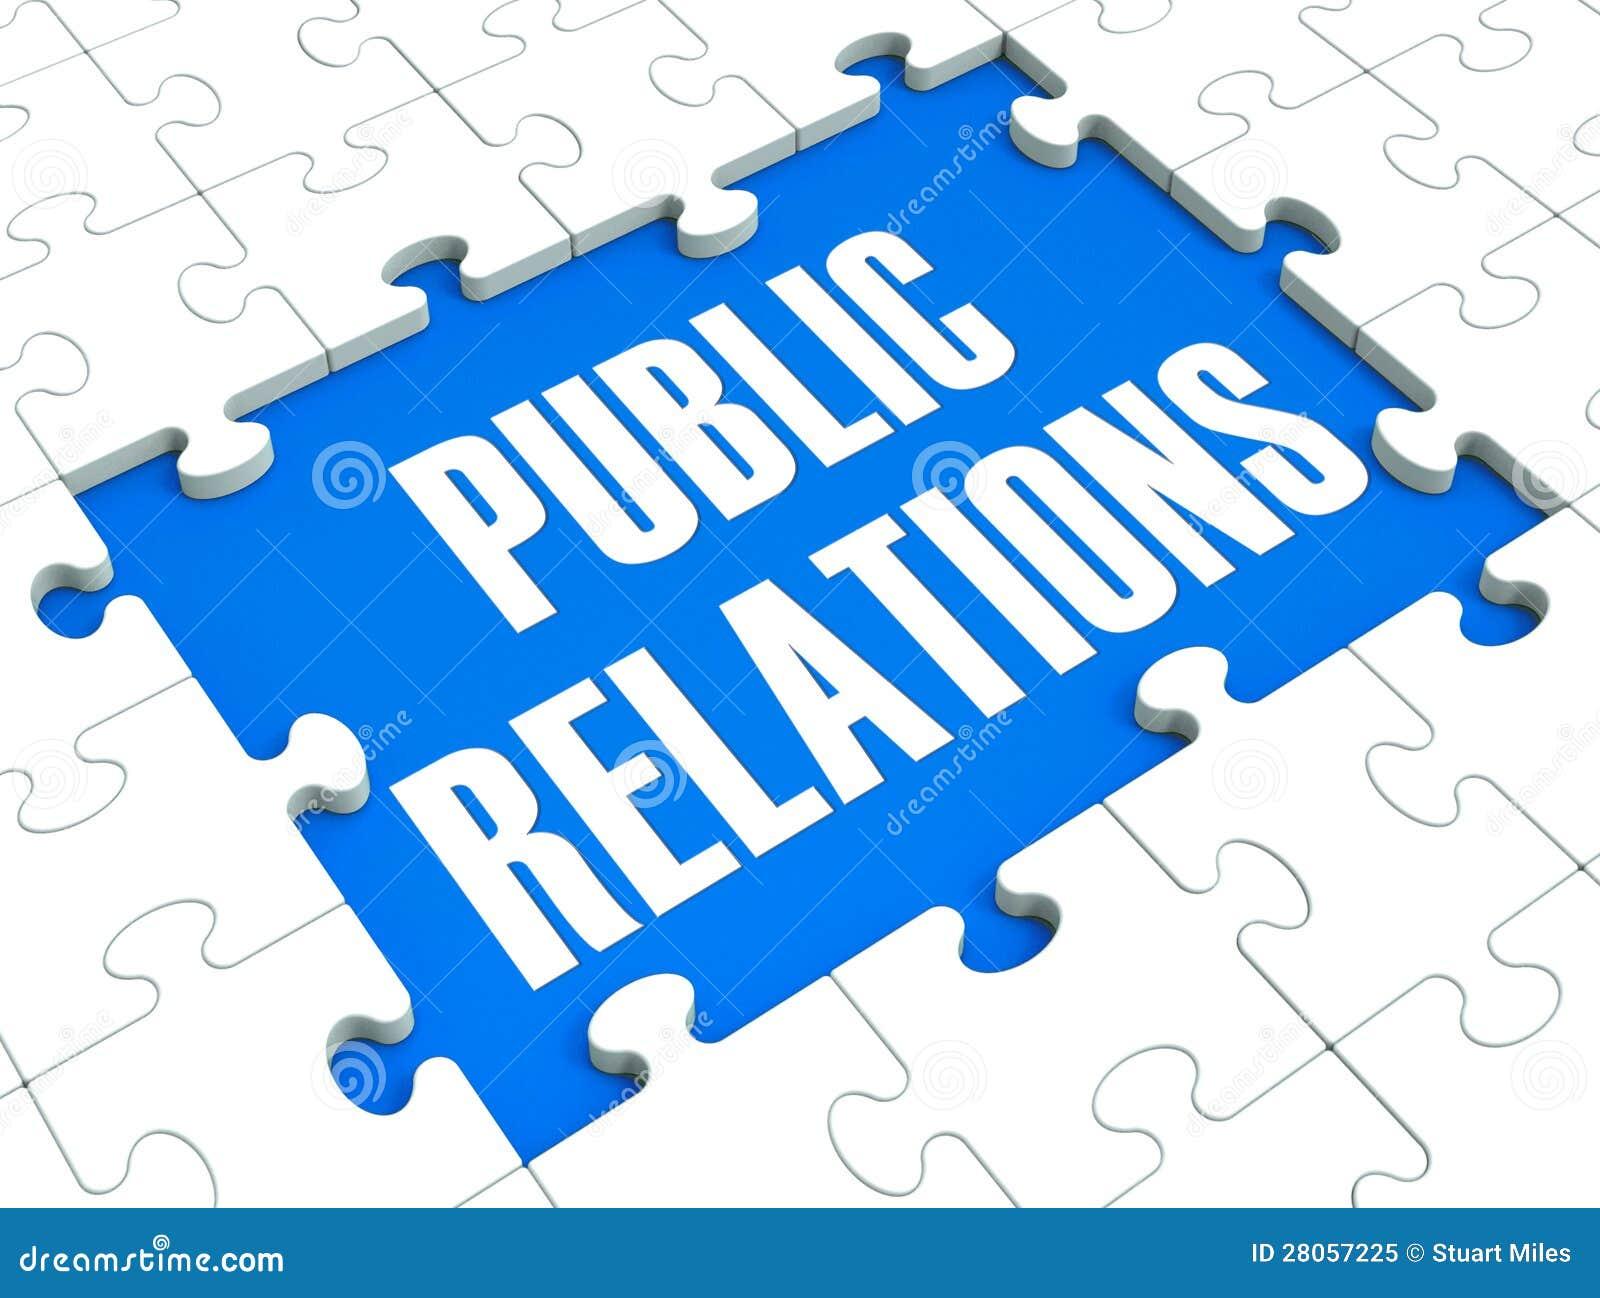 Il puzzle di pubbliche relazioni mostra la pubblicità e la stampa